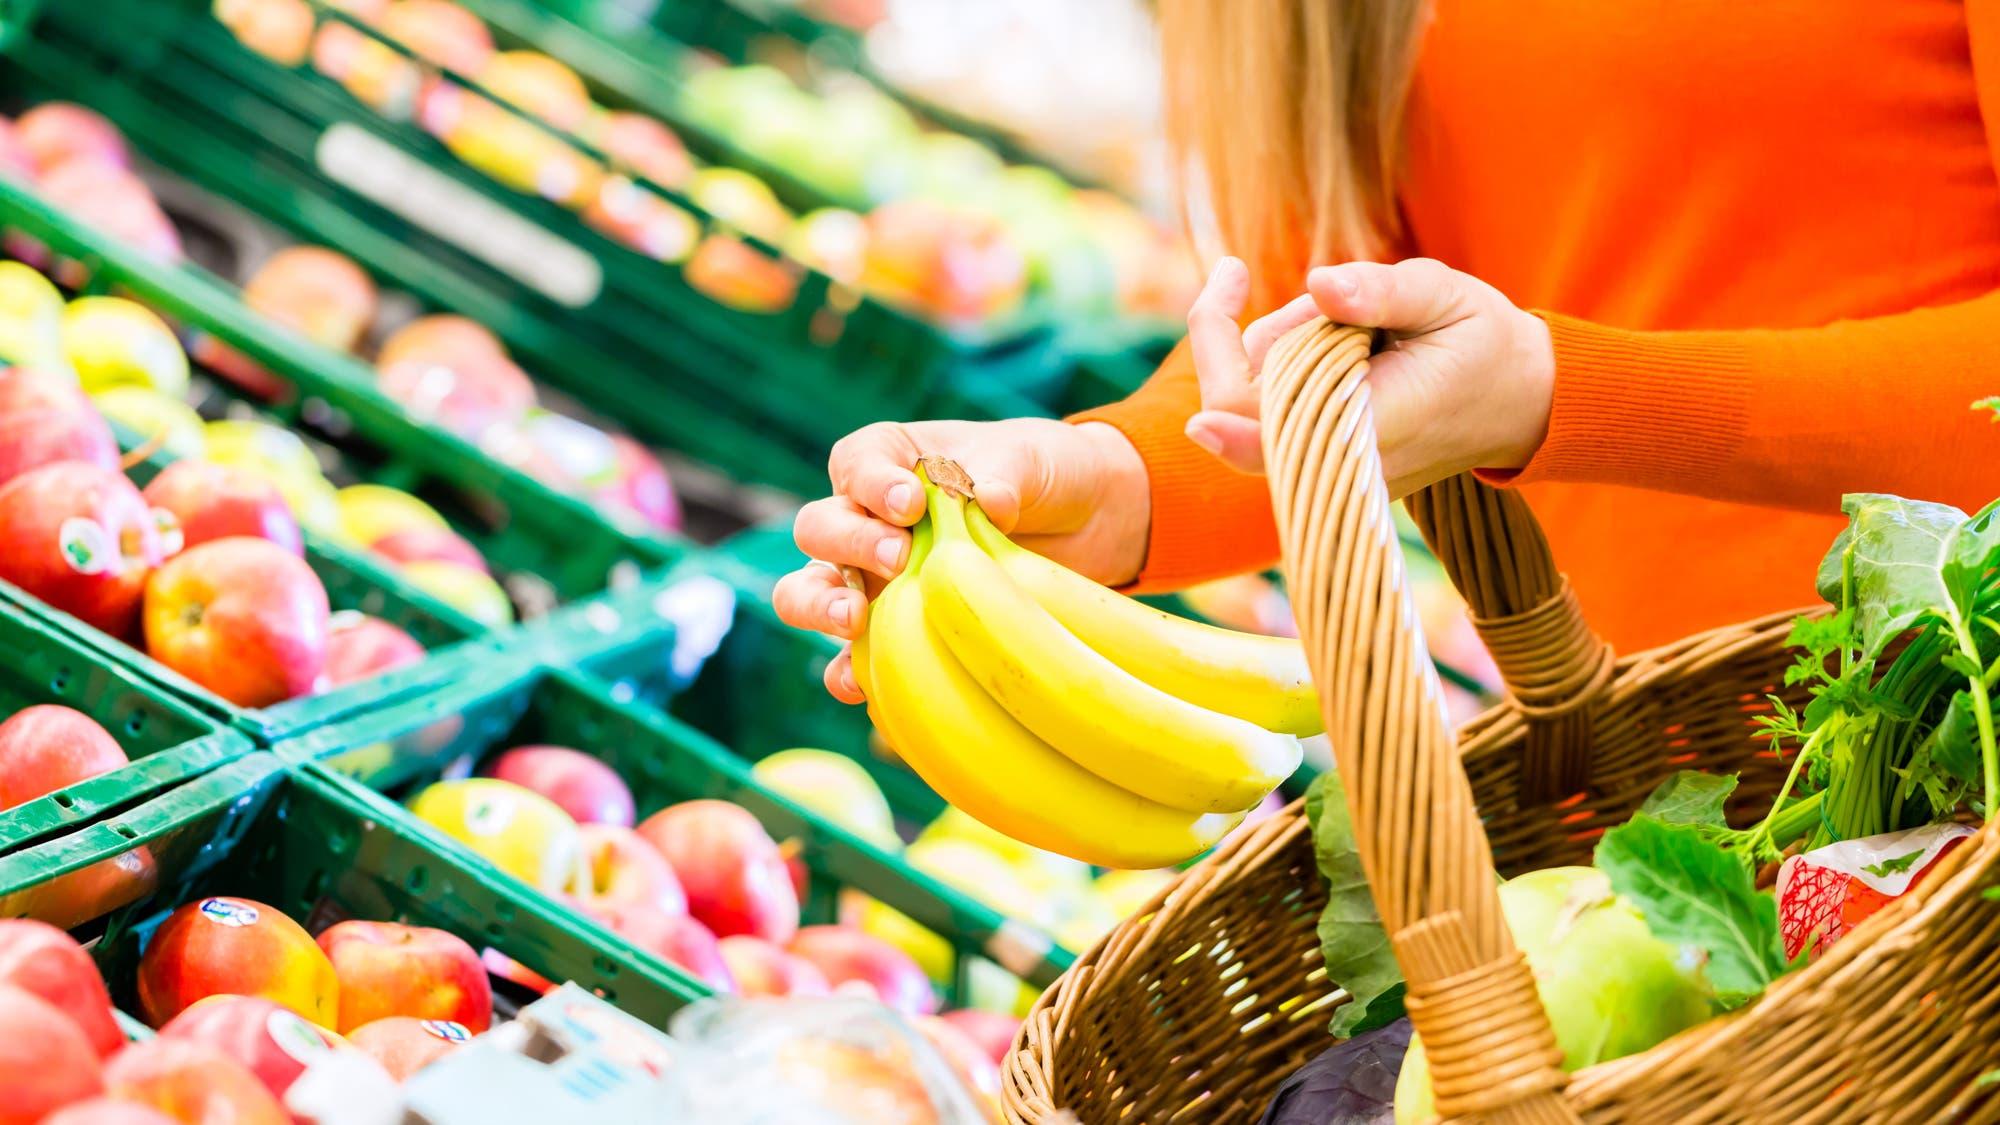 bb8566c17 El fin de las bolsas de plástico: 10 alternativas para hacer las compras -  LA NACION